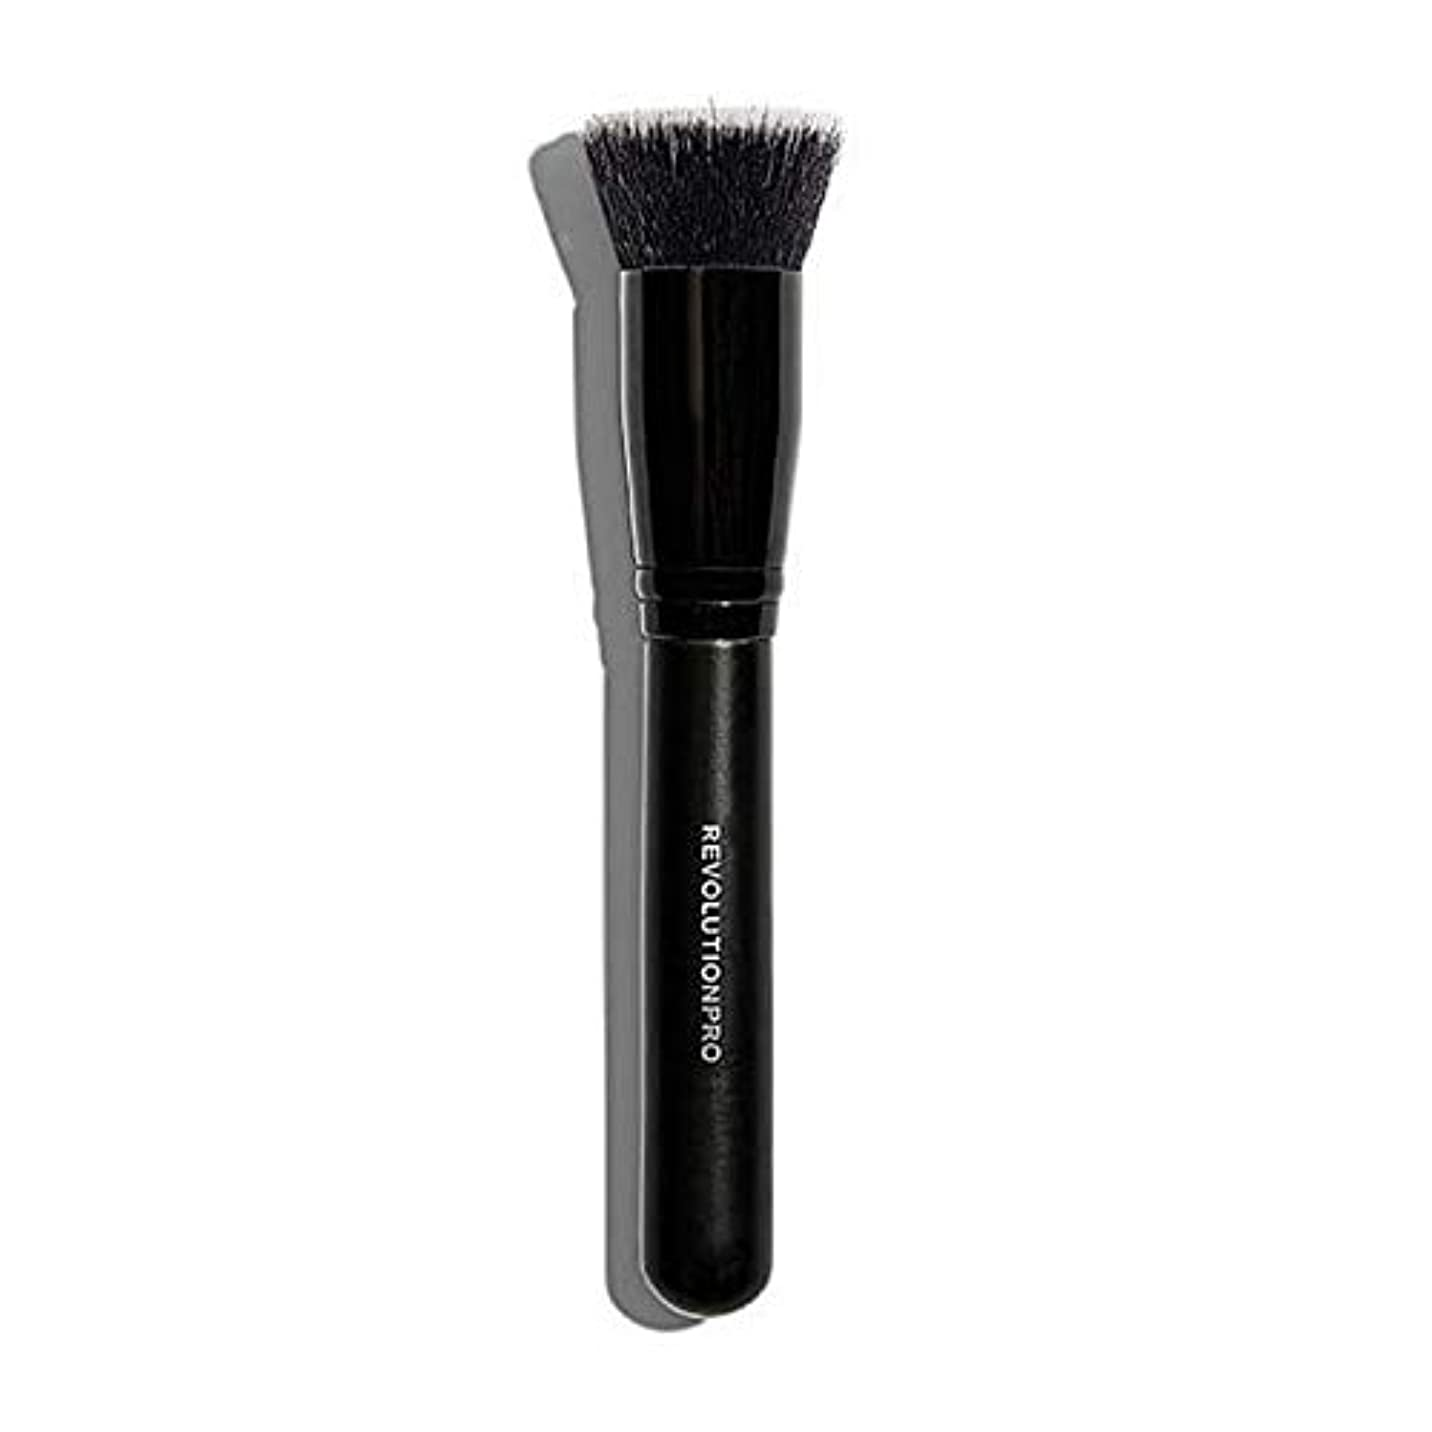 ヘクタールこだわり改革[Revolution ] 革命プロの液滴の基礎化粧ブラシ - Revolution Pro Liquid Drop Foundation Makeup Brush [並行輸入品]